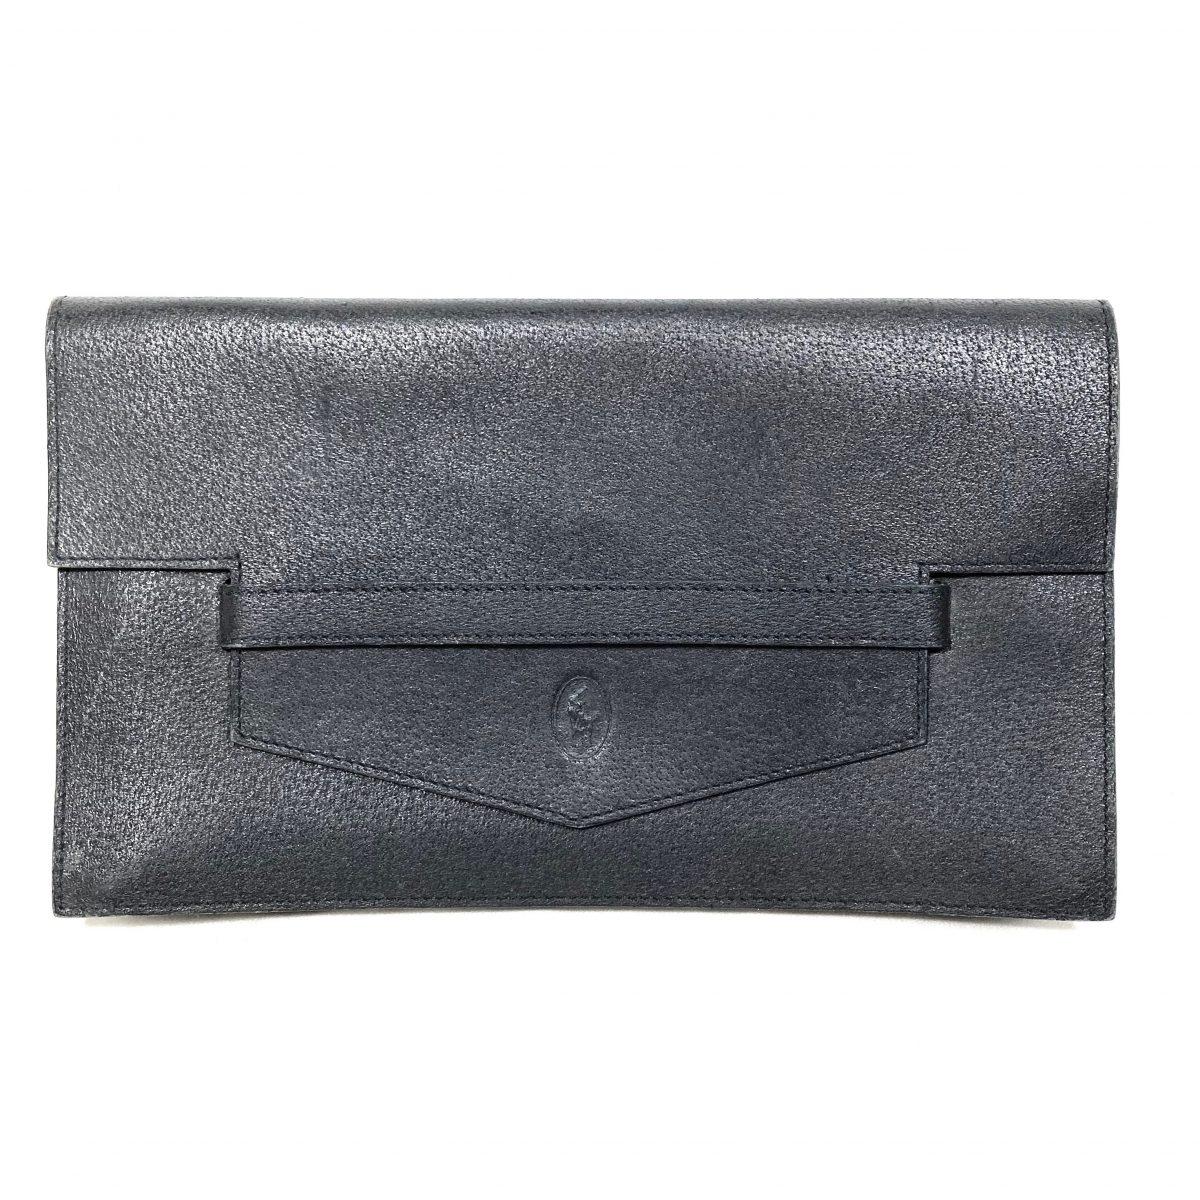 Ralph Lauren designer bags